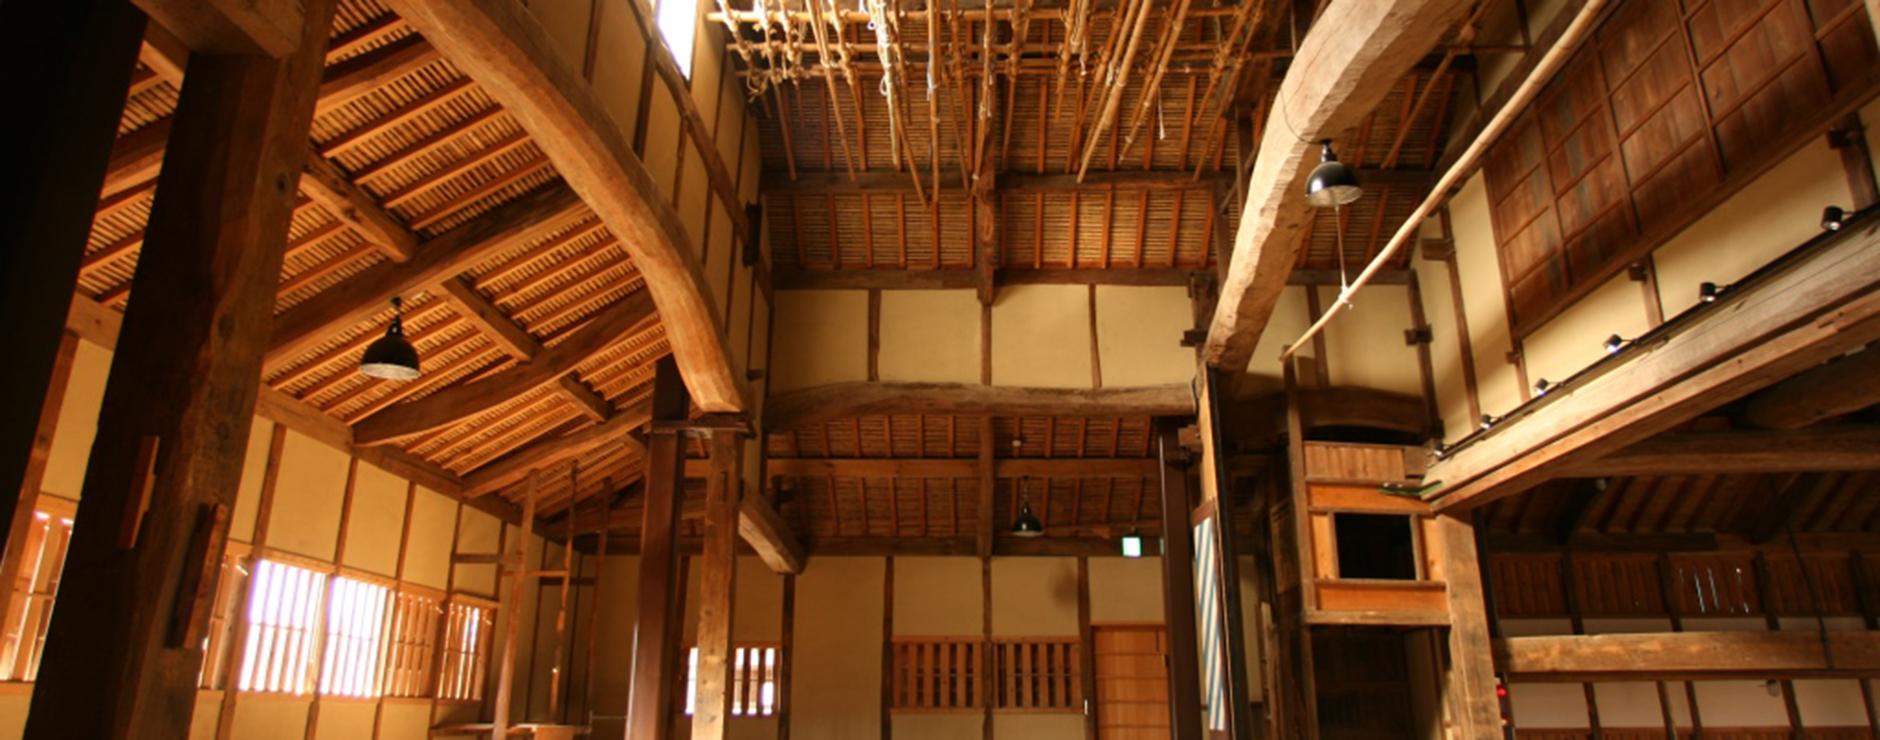 国指定重要有形民俗文化財の農村歌舞伎舞台。